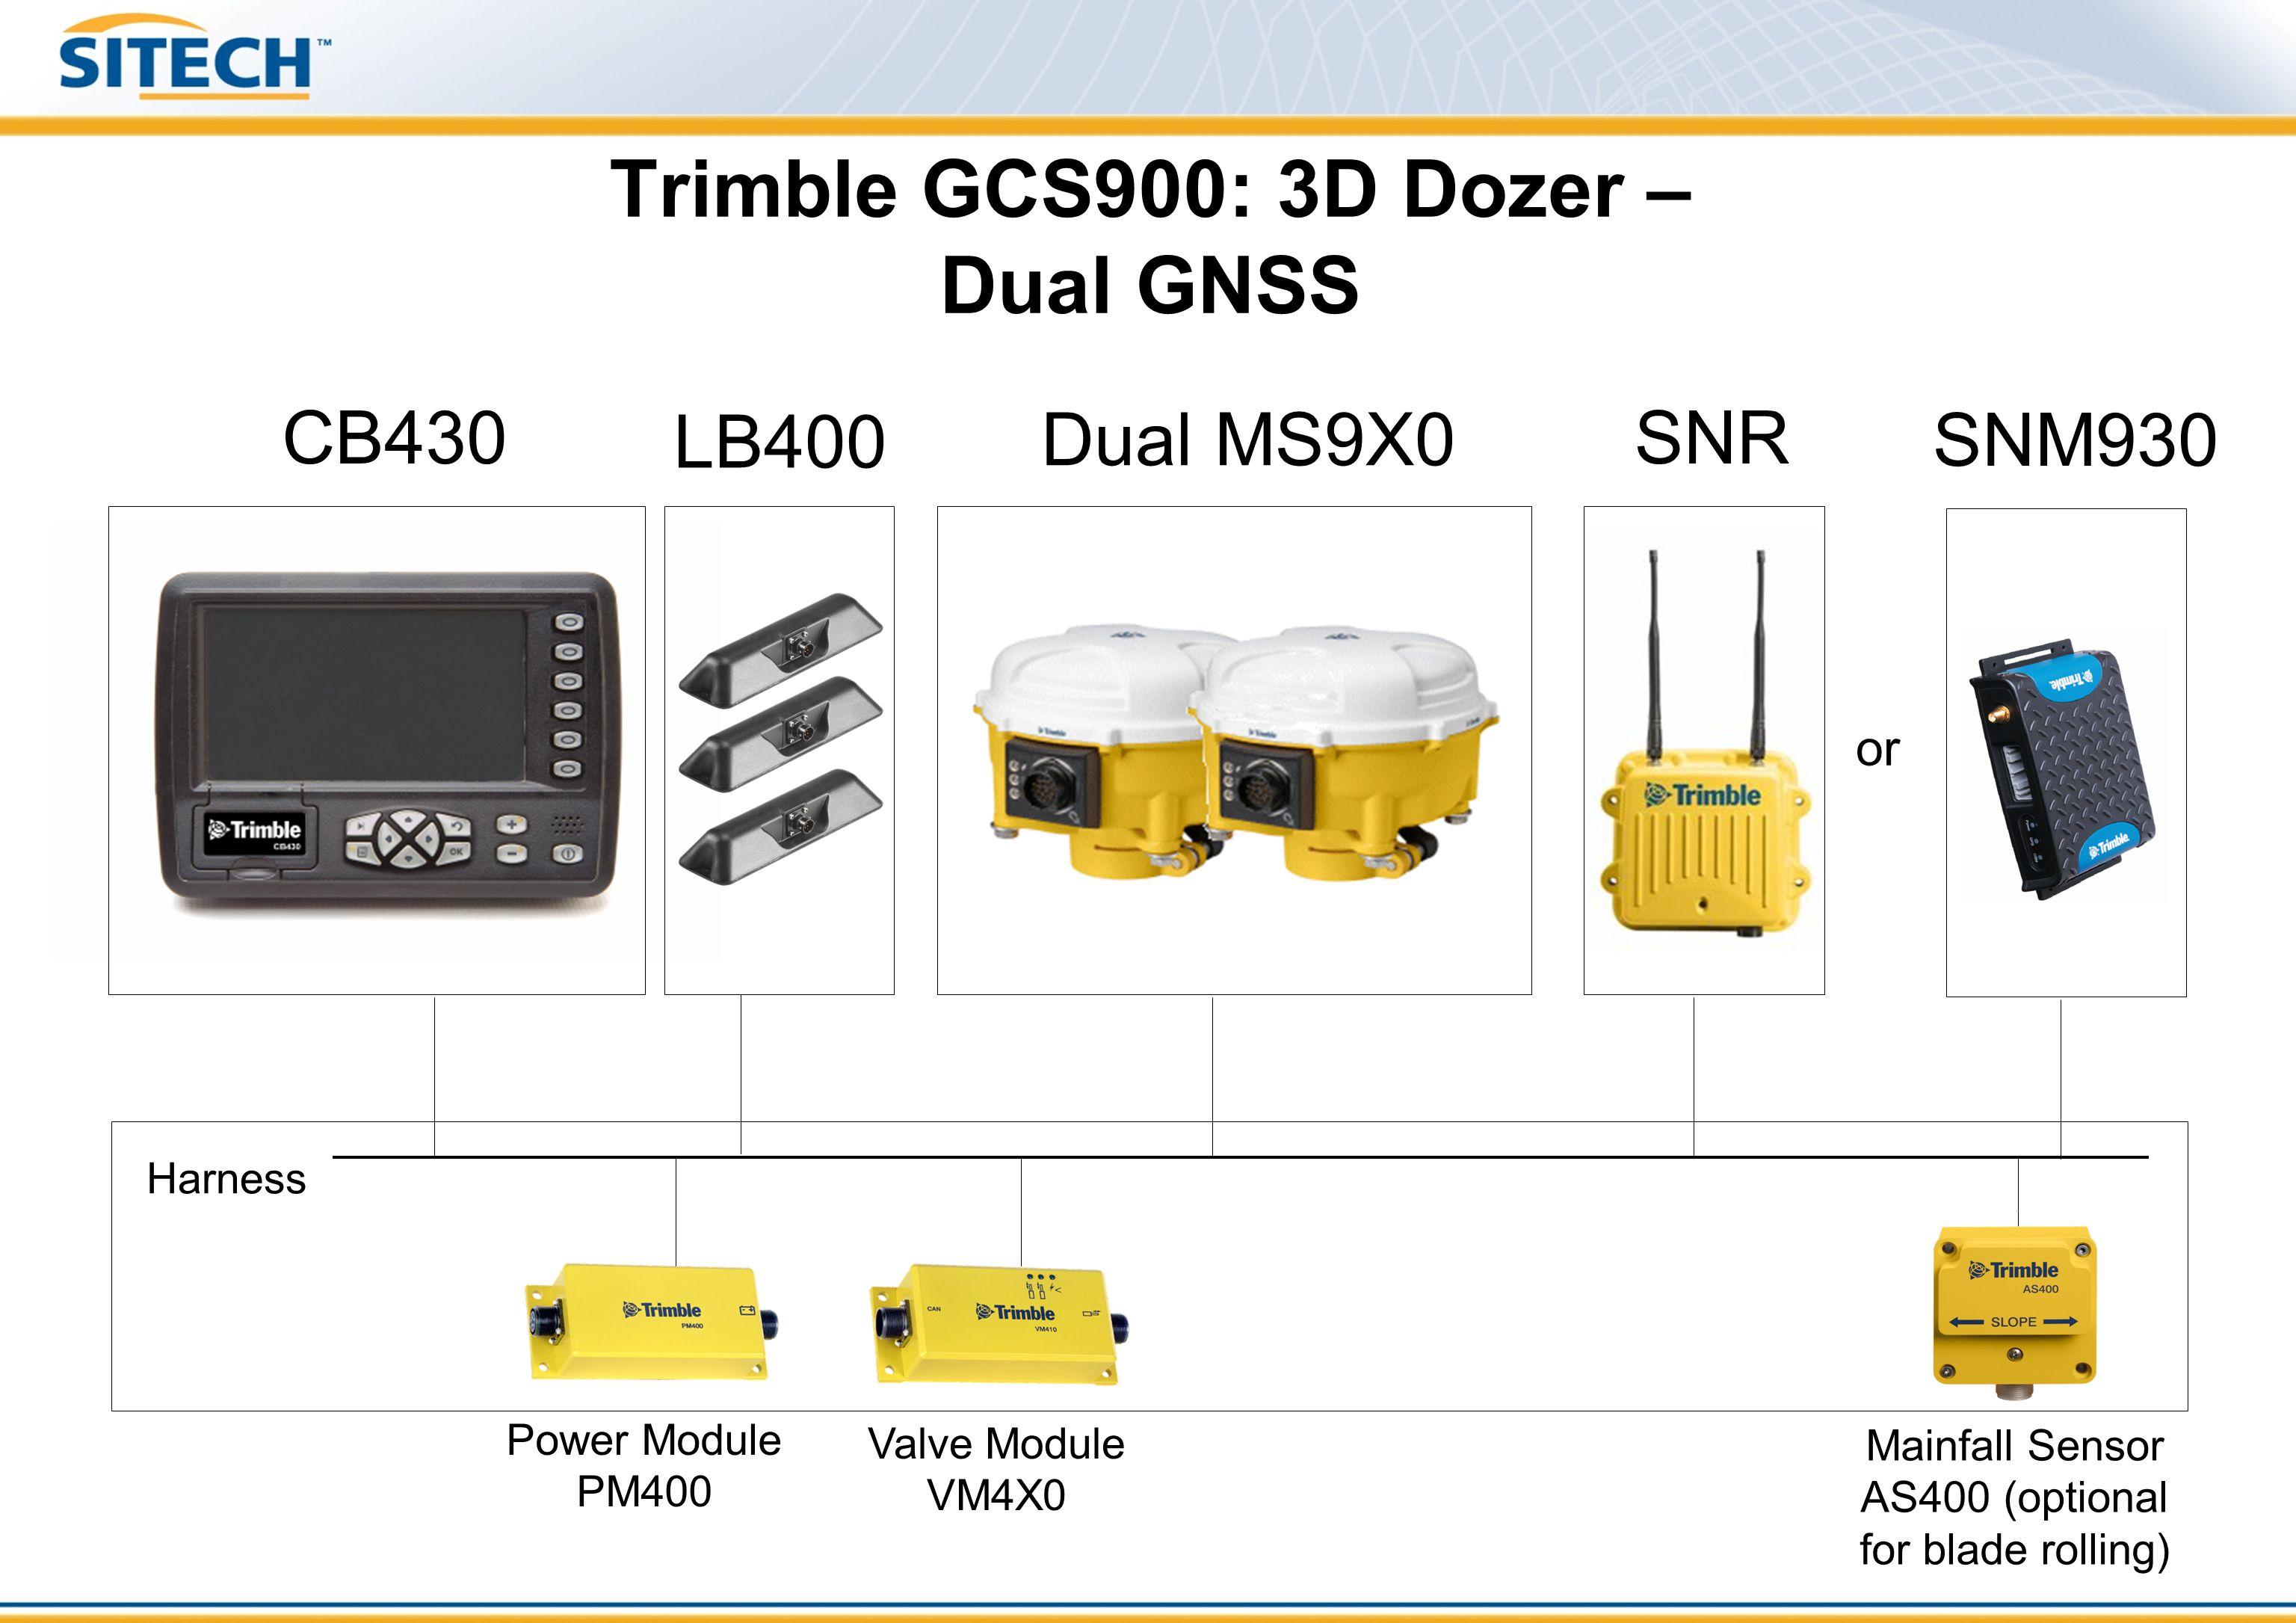 Trimble GCS900: 3D Dozer – Dual GNSS